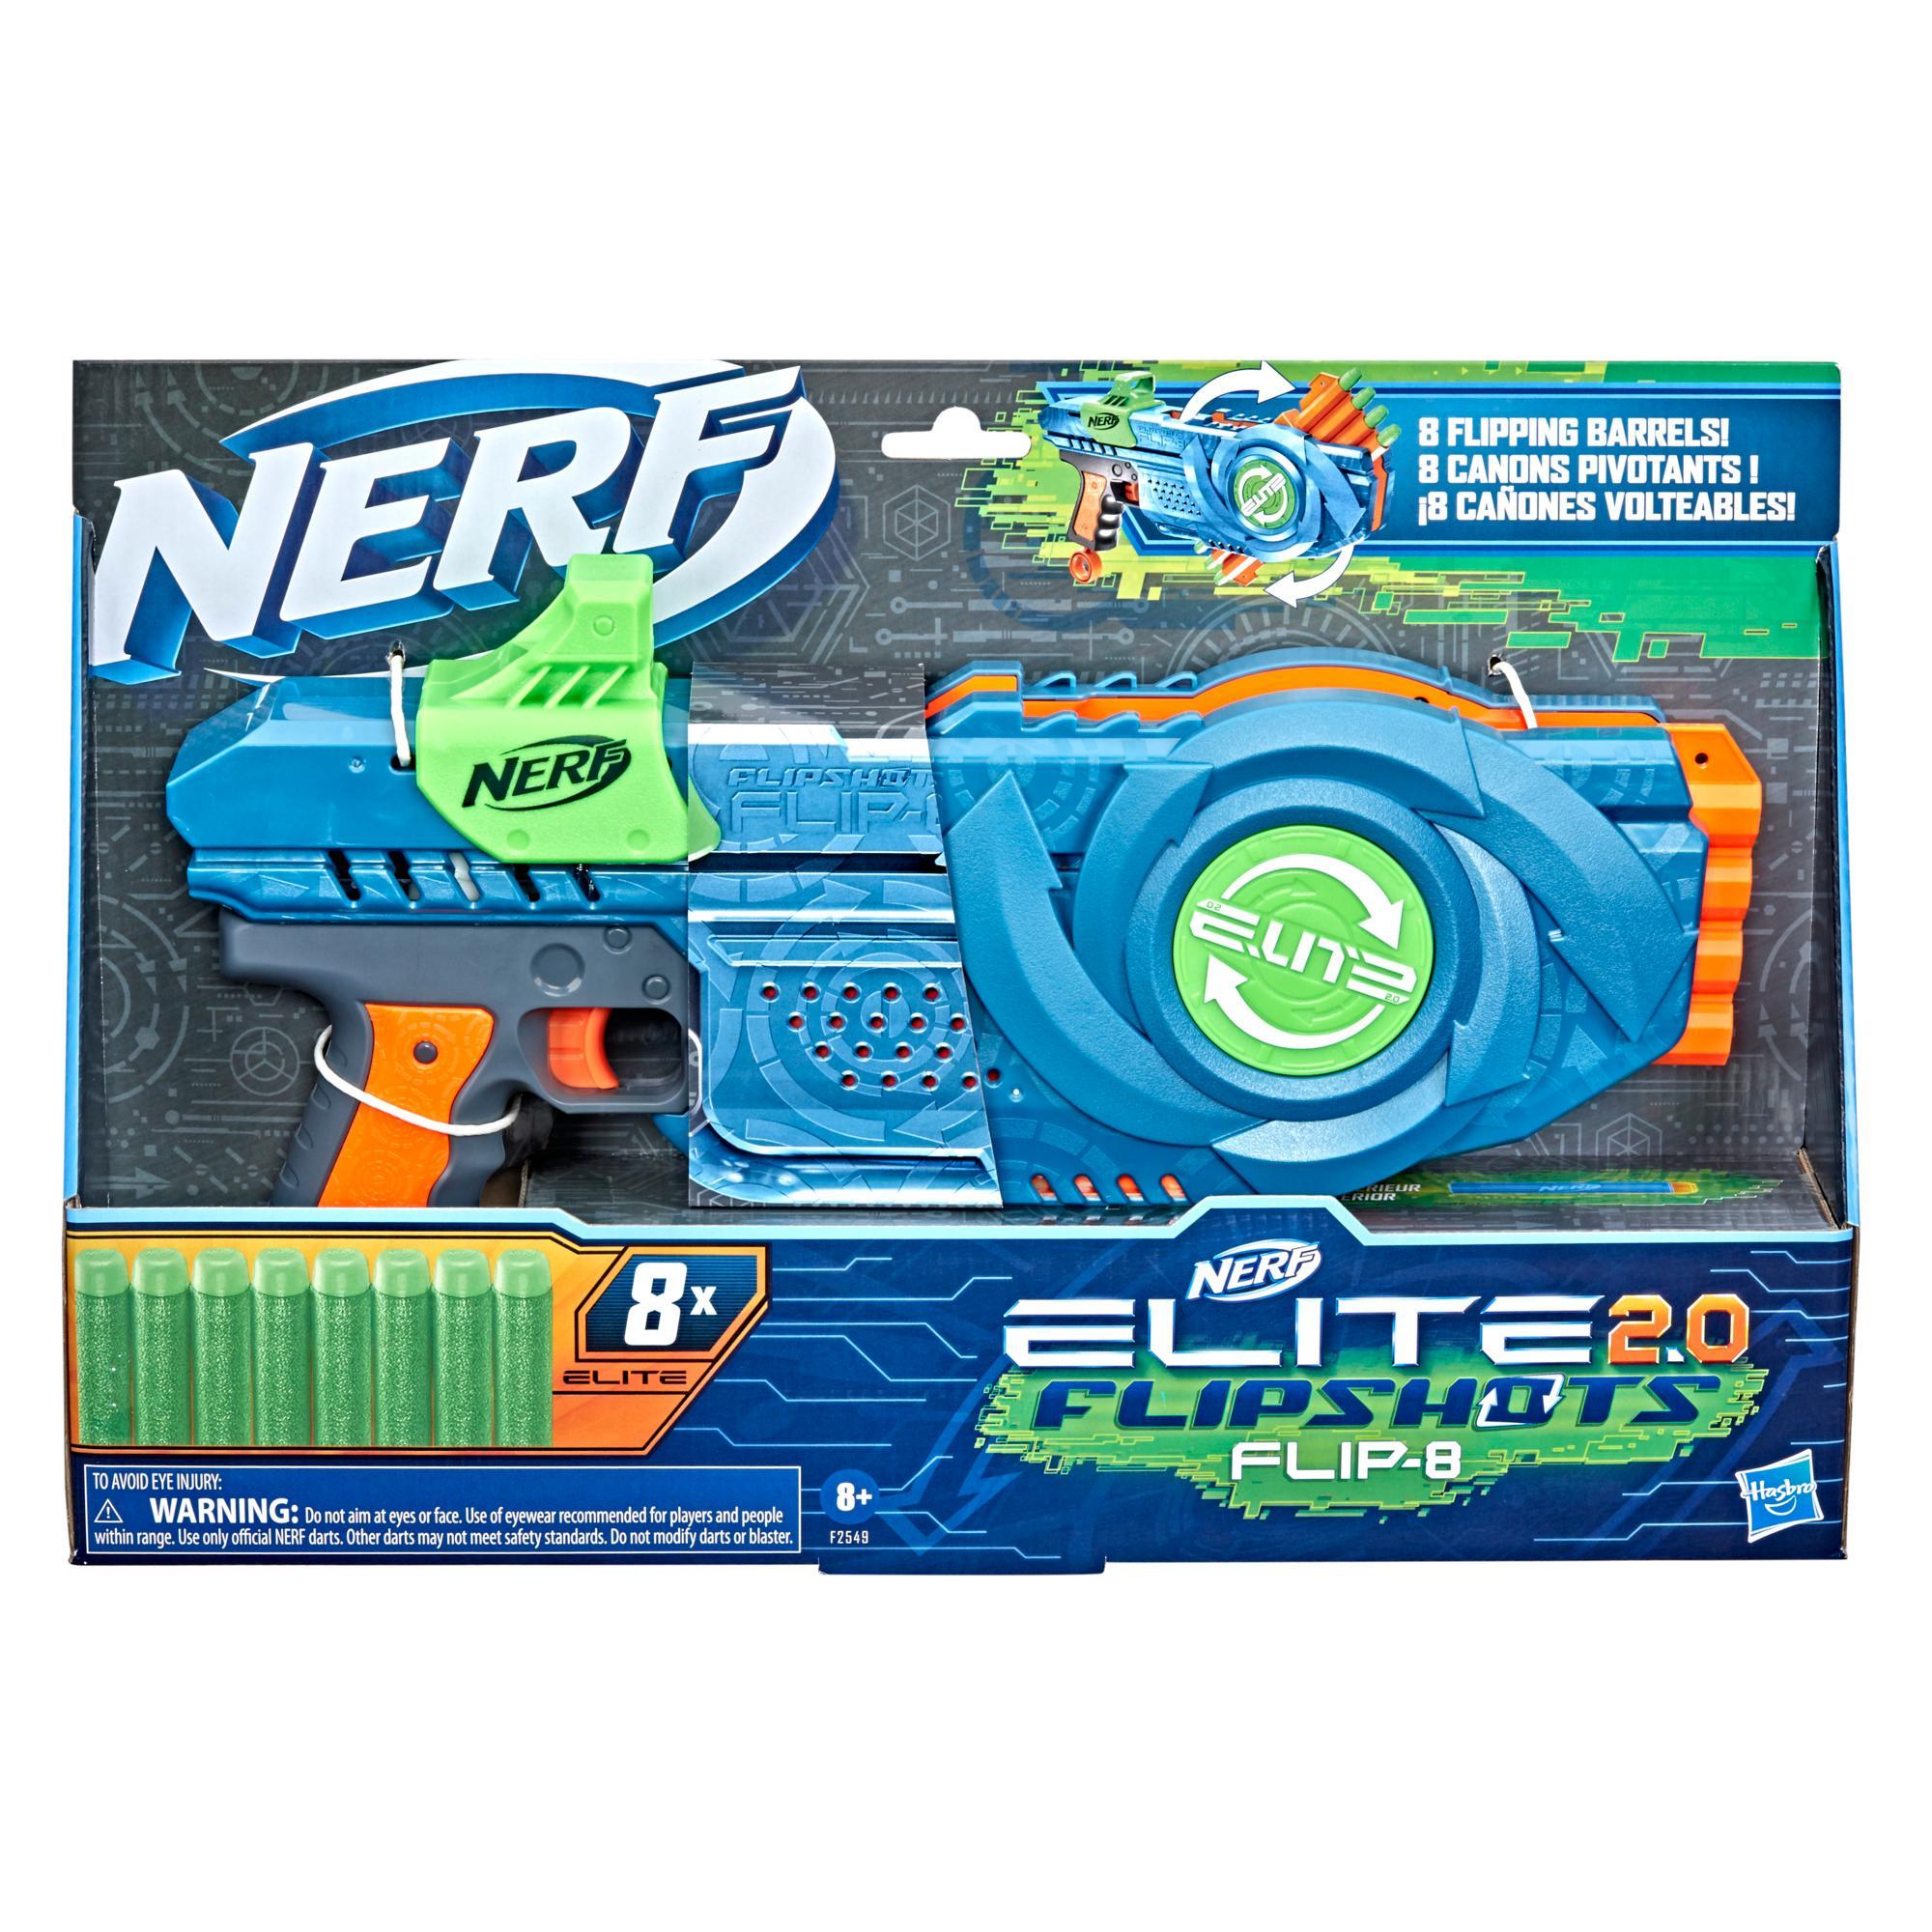 Blaster Nerf Elite2.0 Flipshots Flip-8